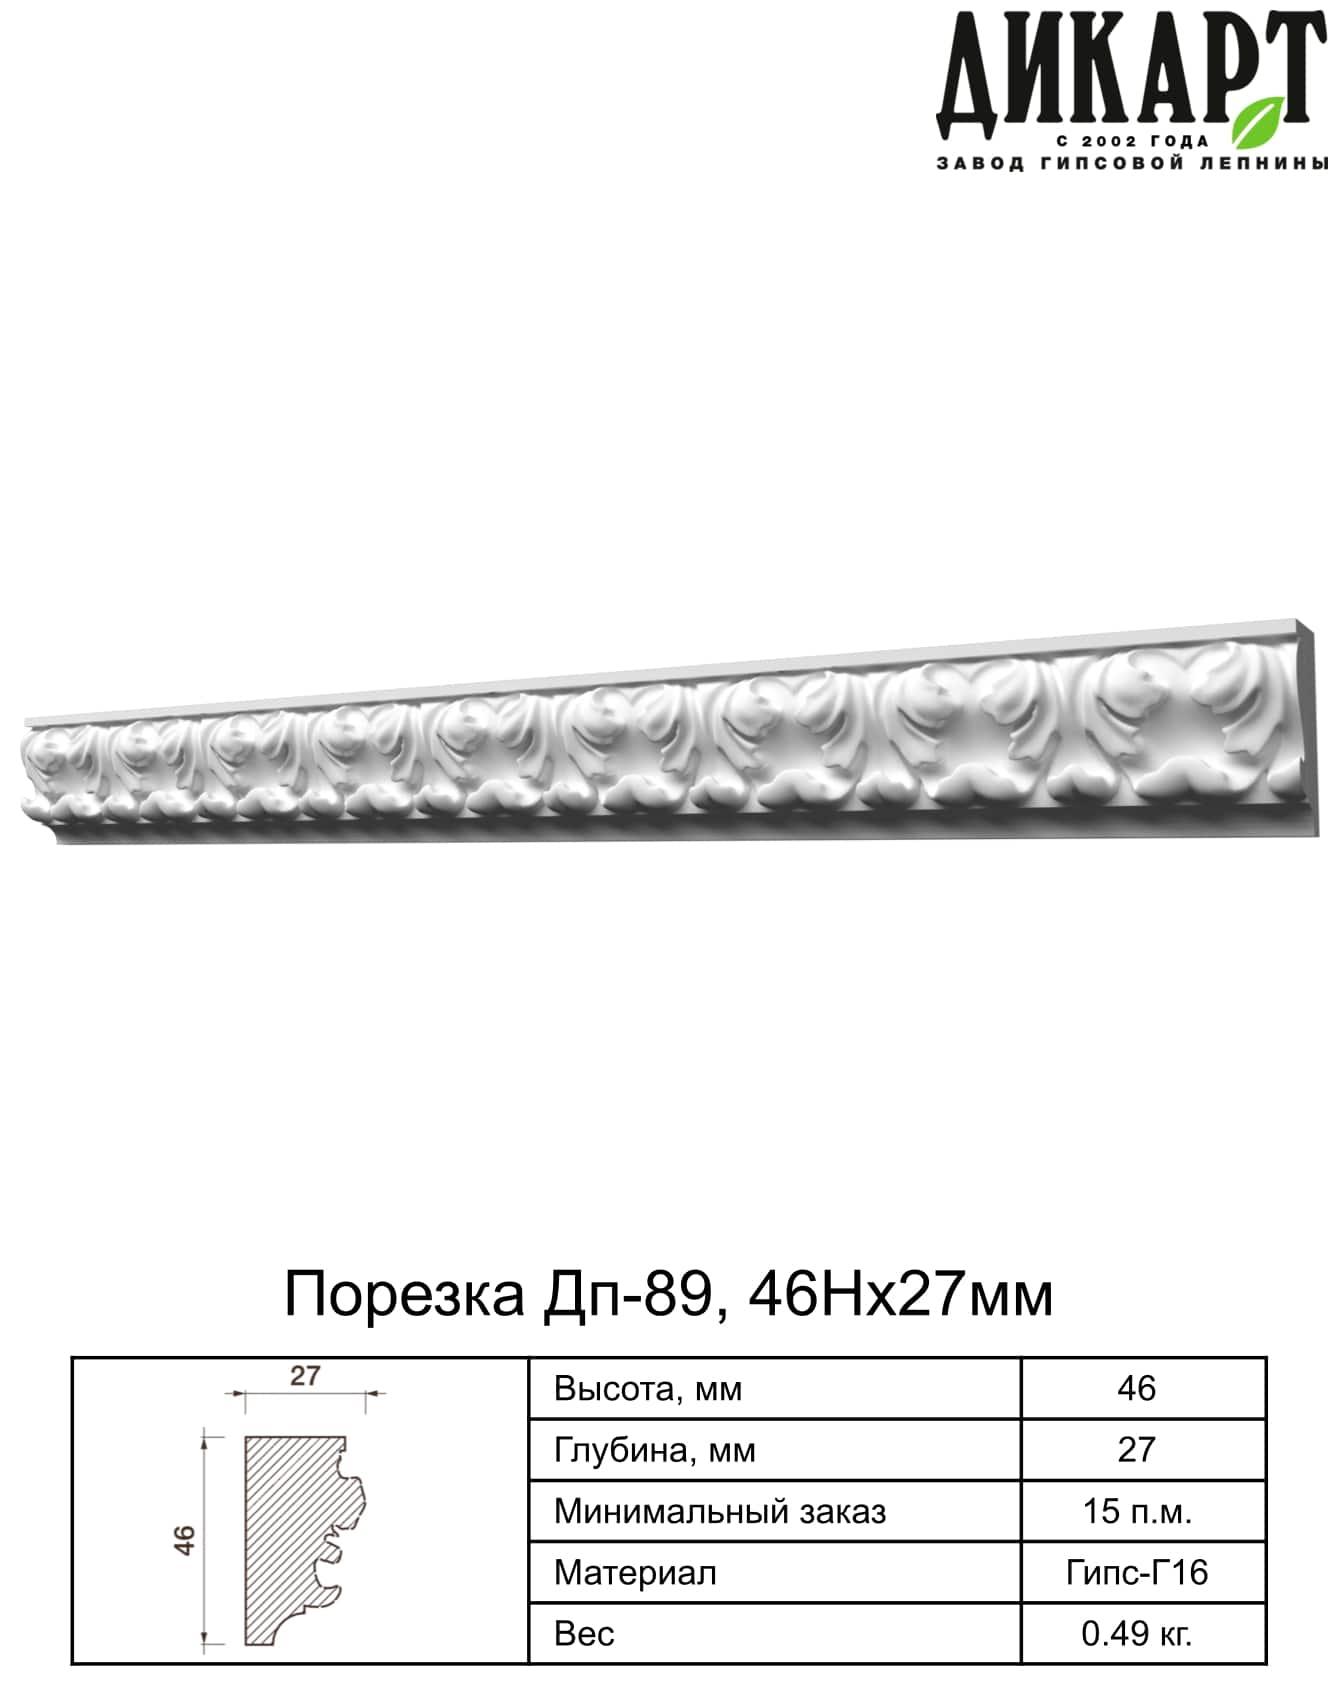 Порезка_Дп-89